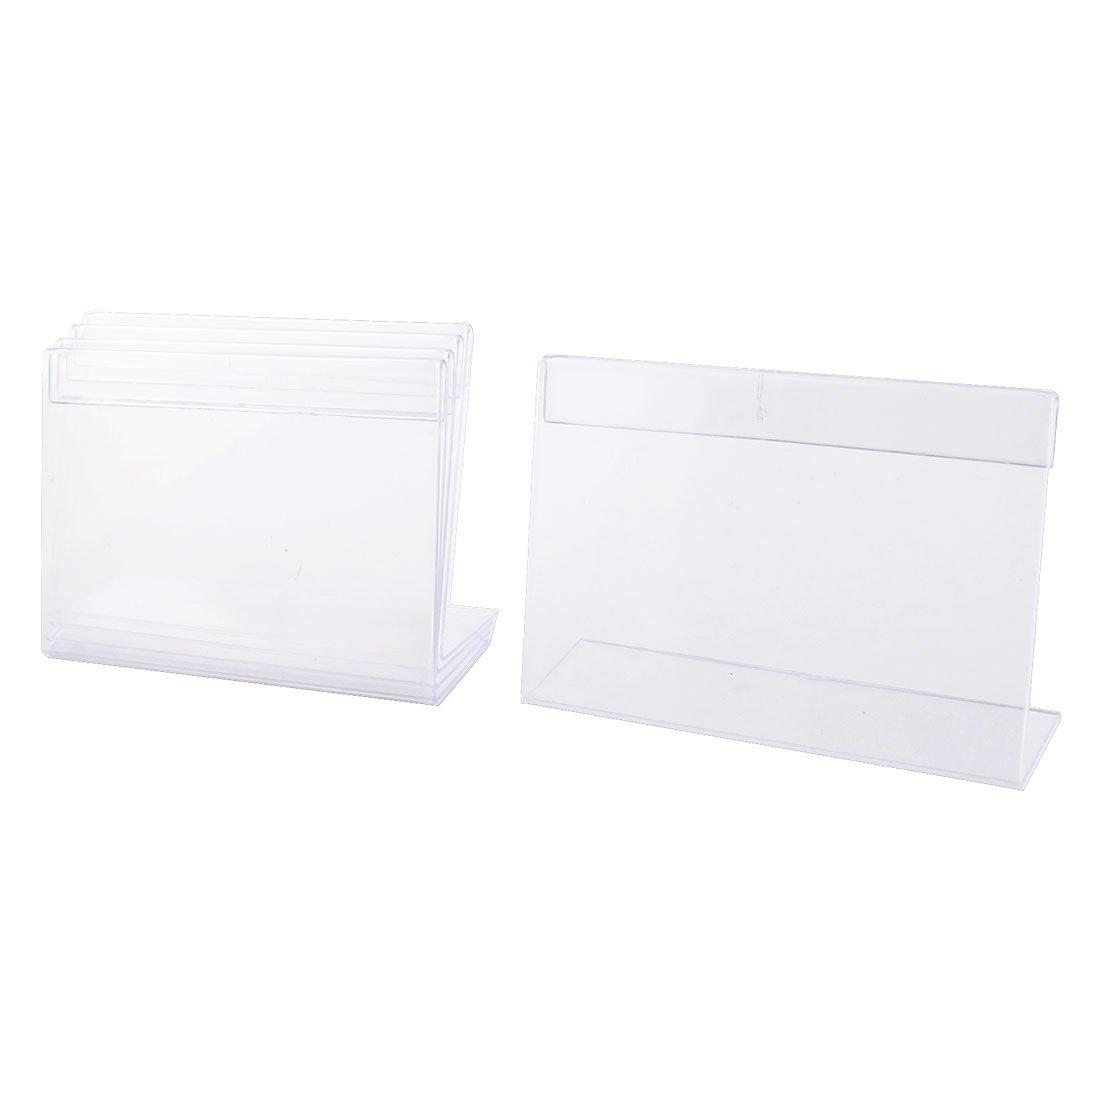 5sostegni rettangolari in plastica trasparente per brochure, larghezza 12 cmx altezza 8cm, supporto per esposizione tabelle o menù SourcingMap a14090400ux0025